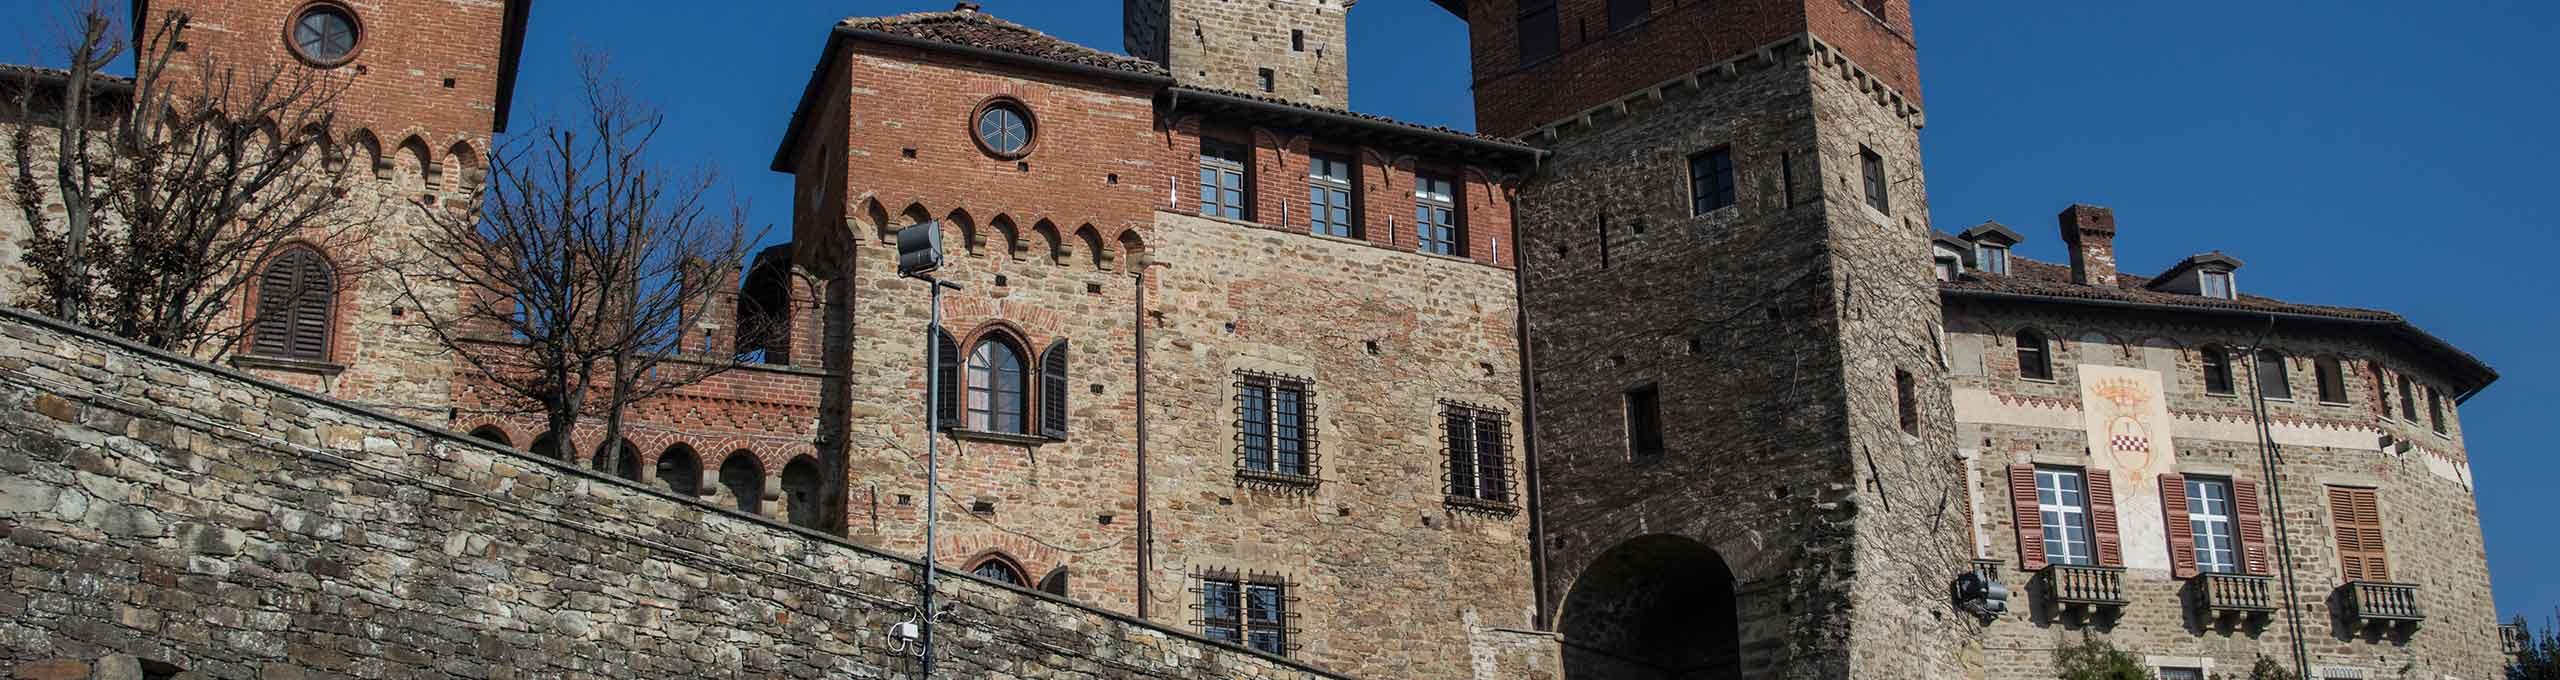 Tagliolo, alto Monferrato, Castello di Tagliolo